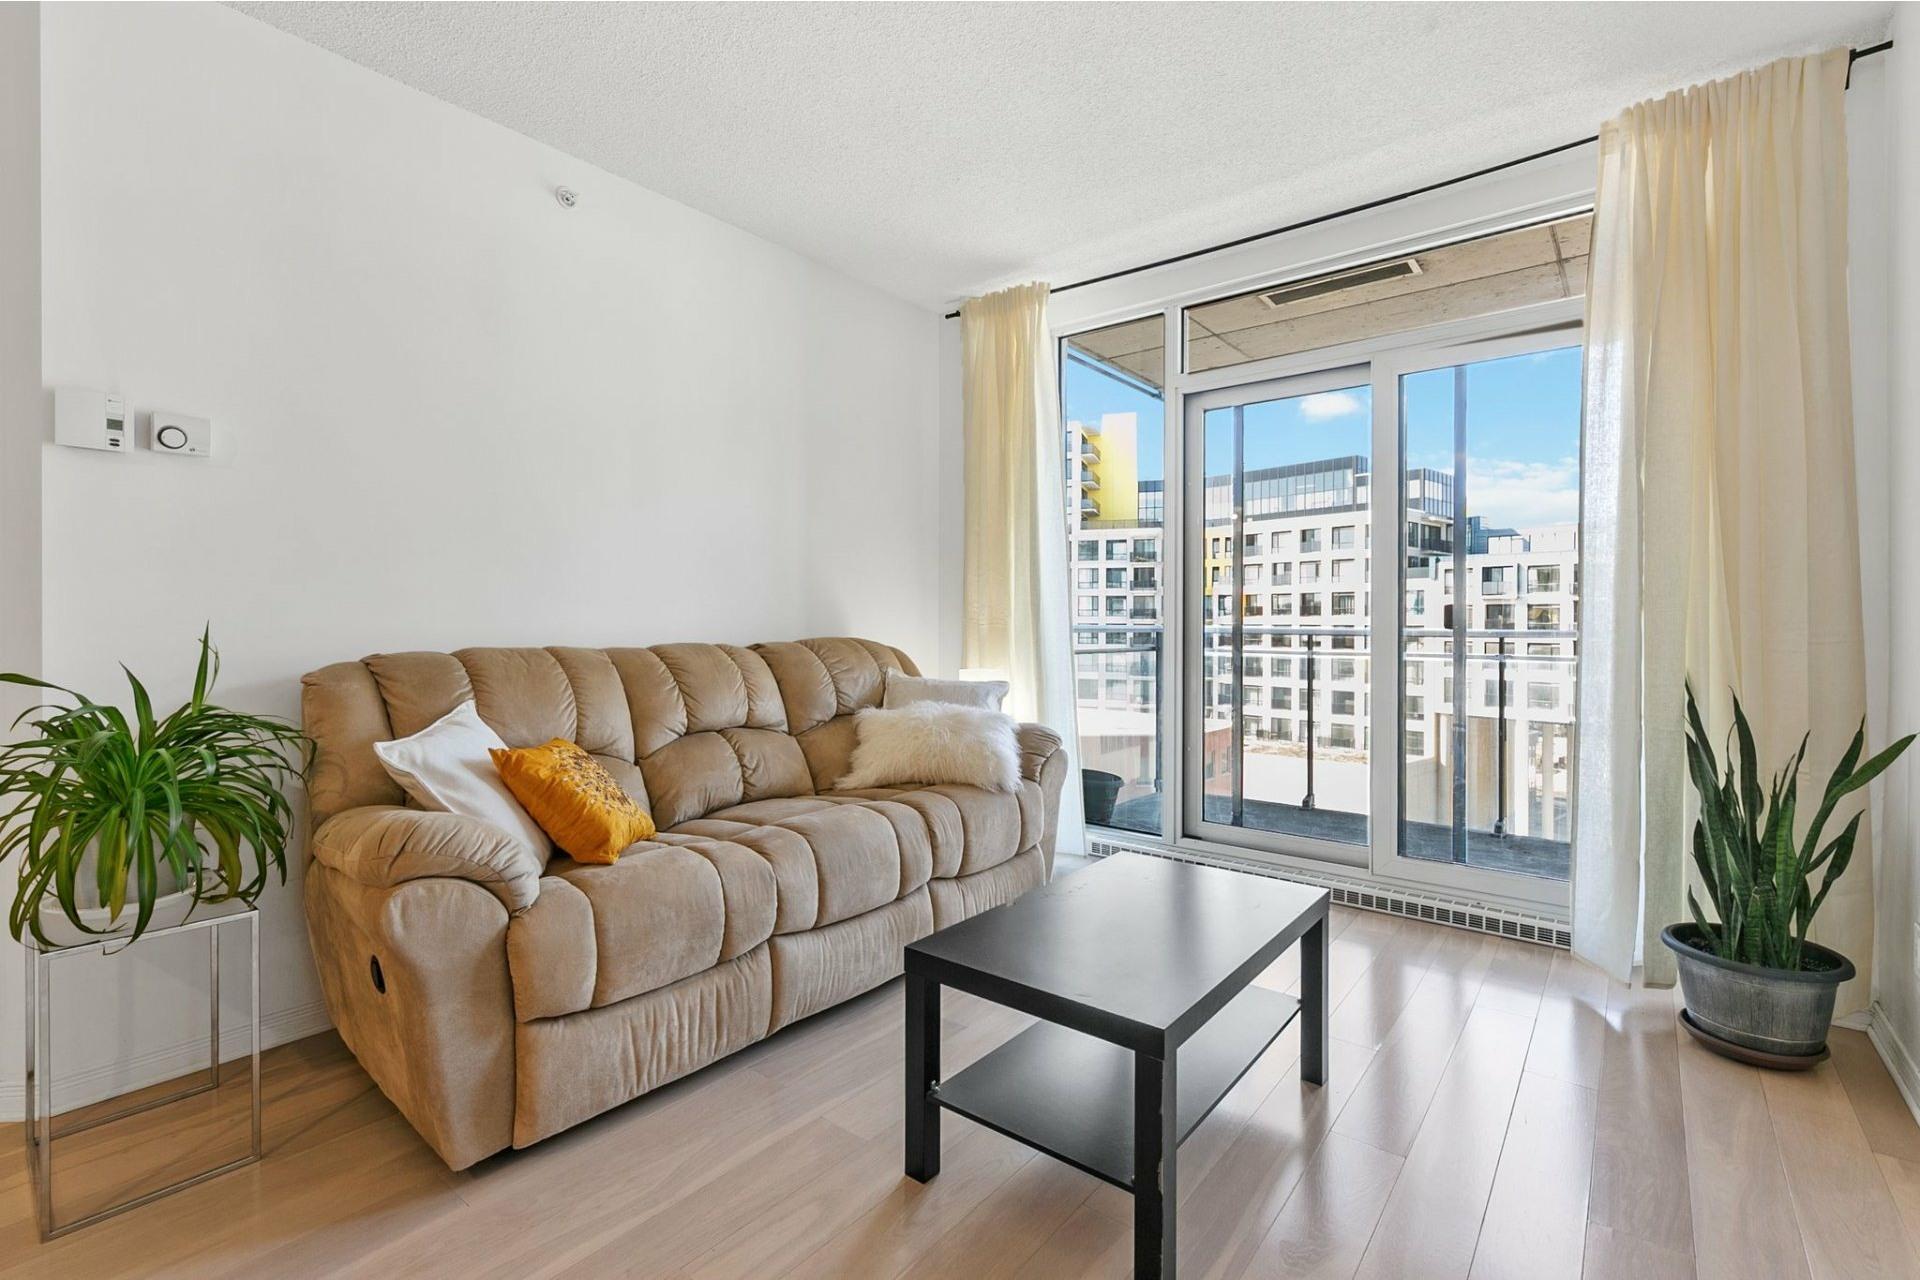 image 2 - Appartement À vendre Côte-des-Neiges/Notre-Dame-de-Grâce Montréal  - 6 pièces